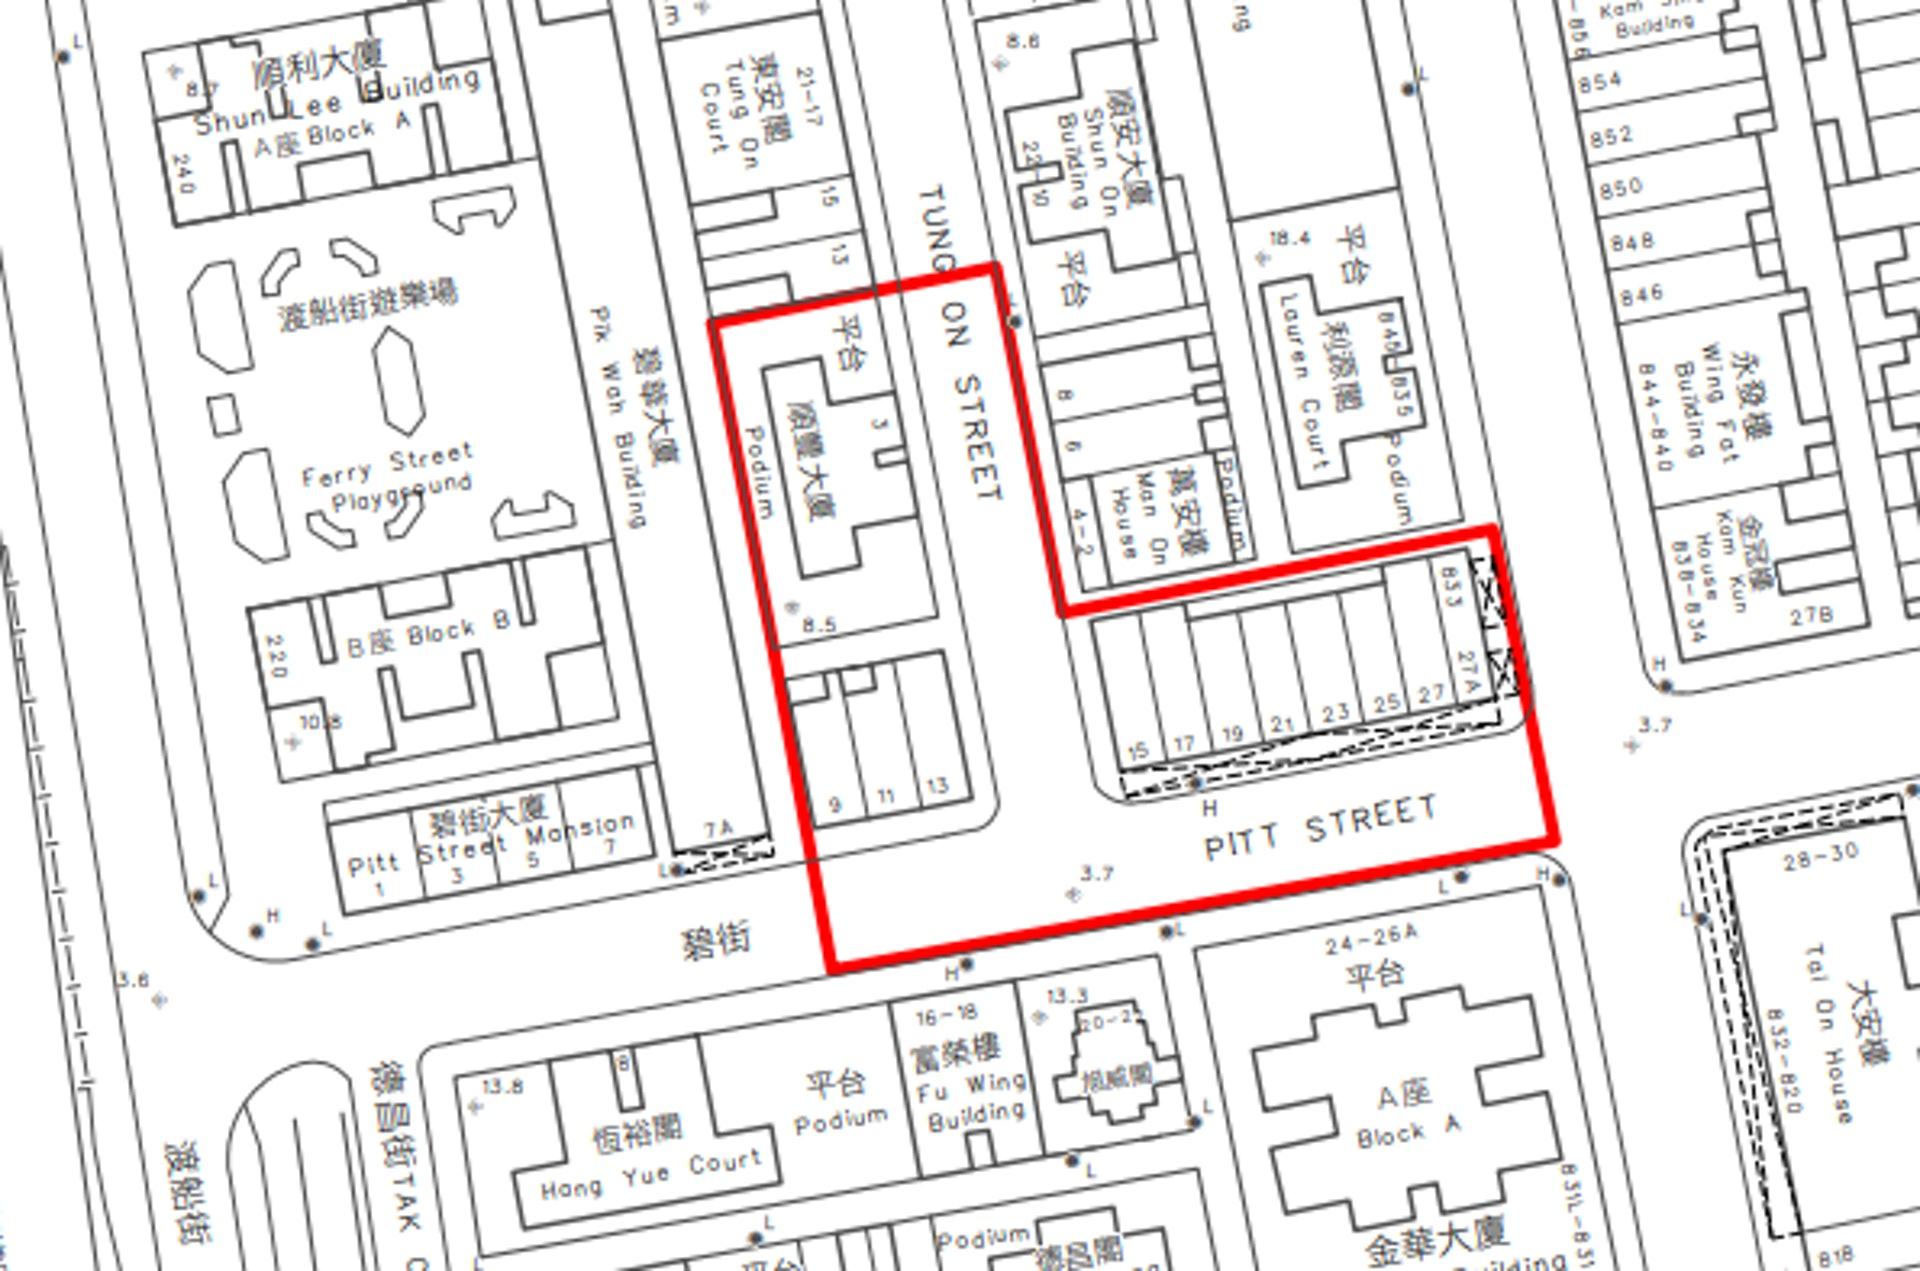 油麻地封區範圍:碧街9-27號和東安街3號